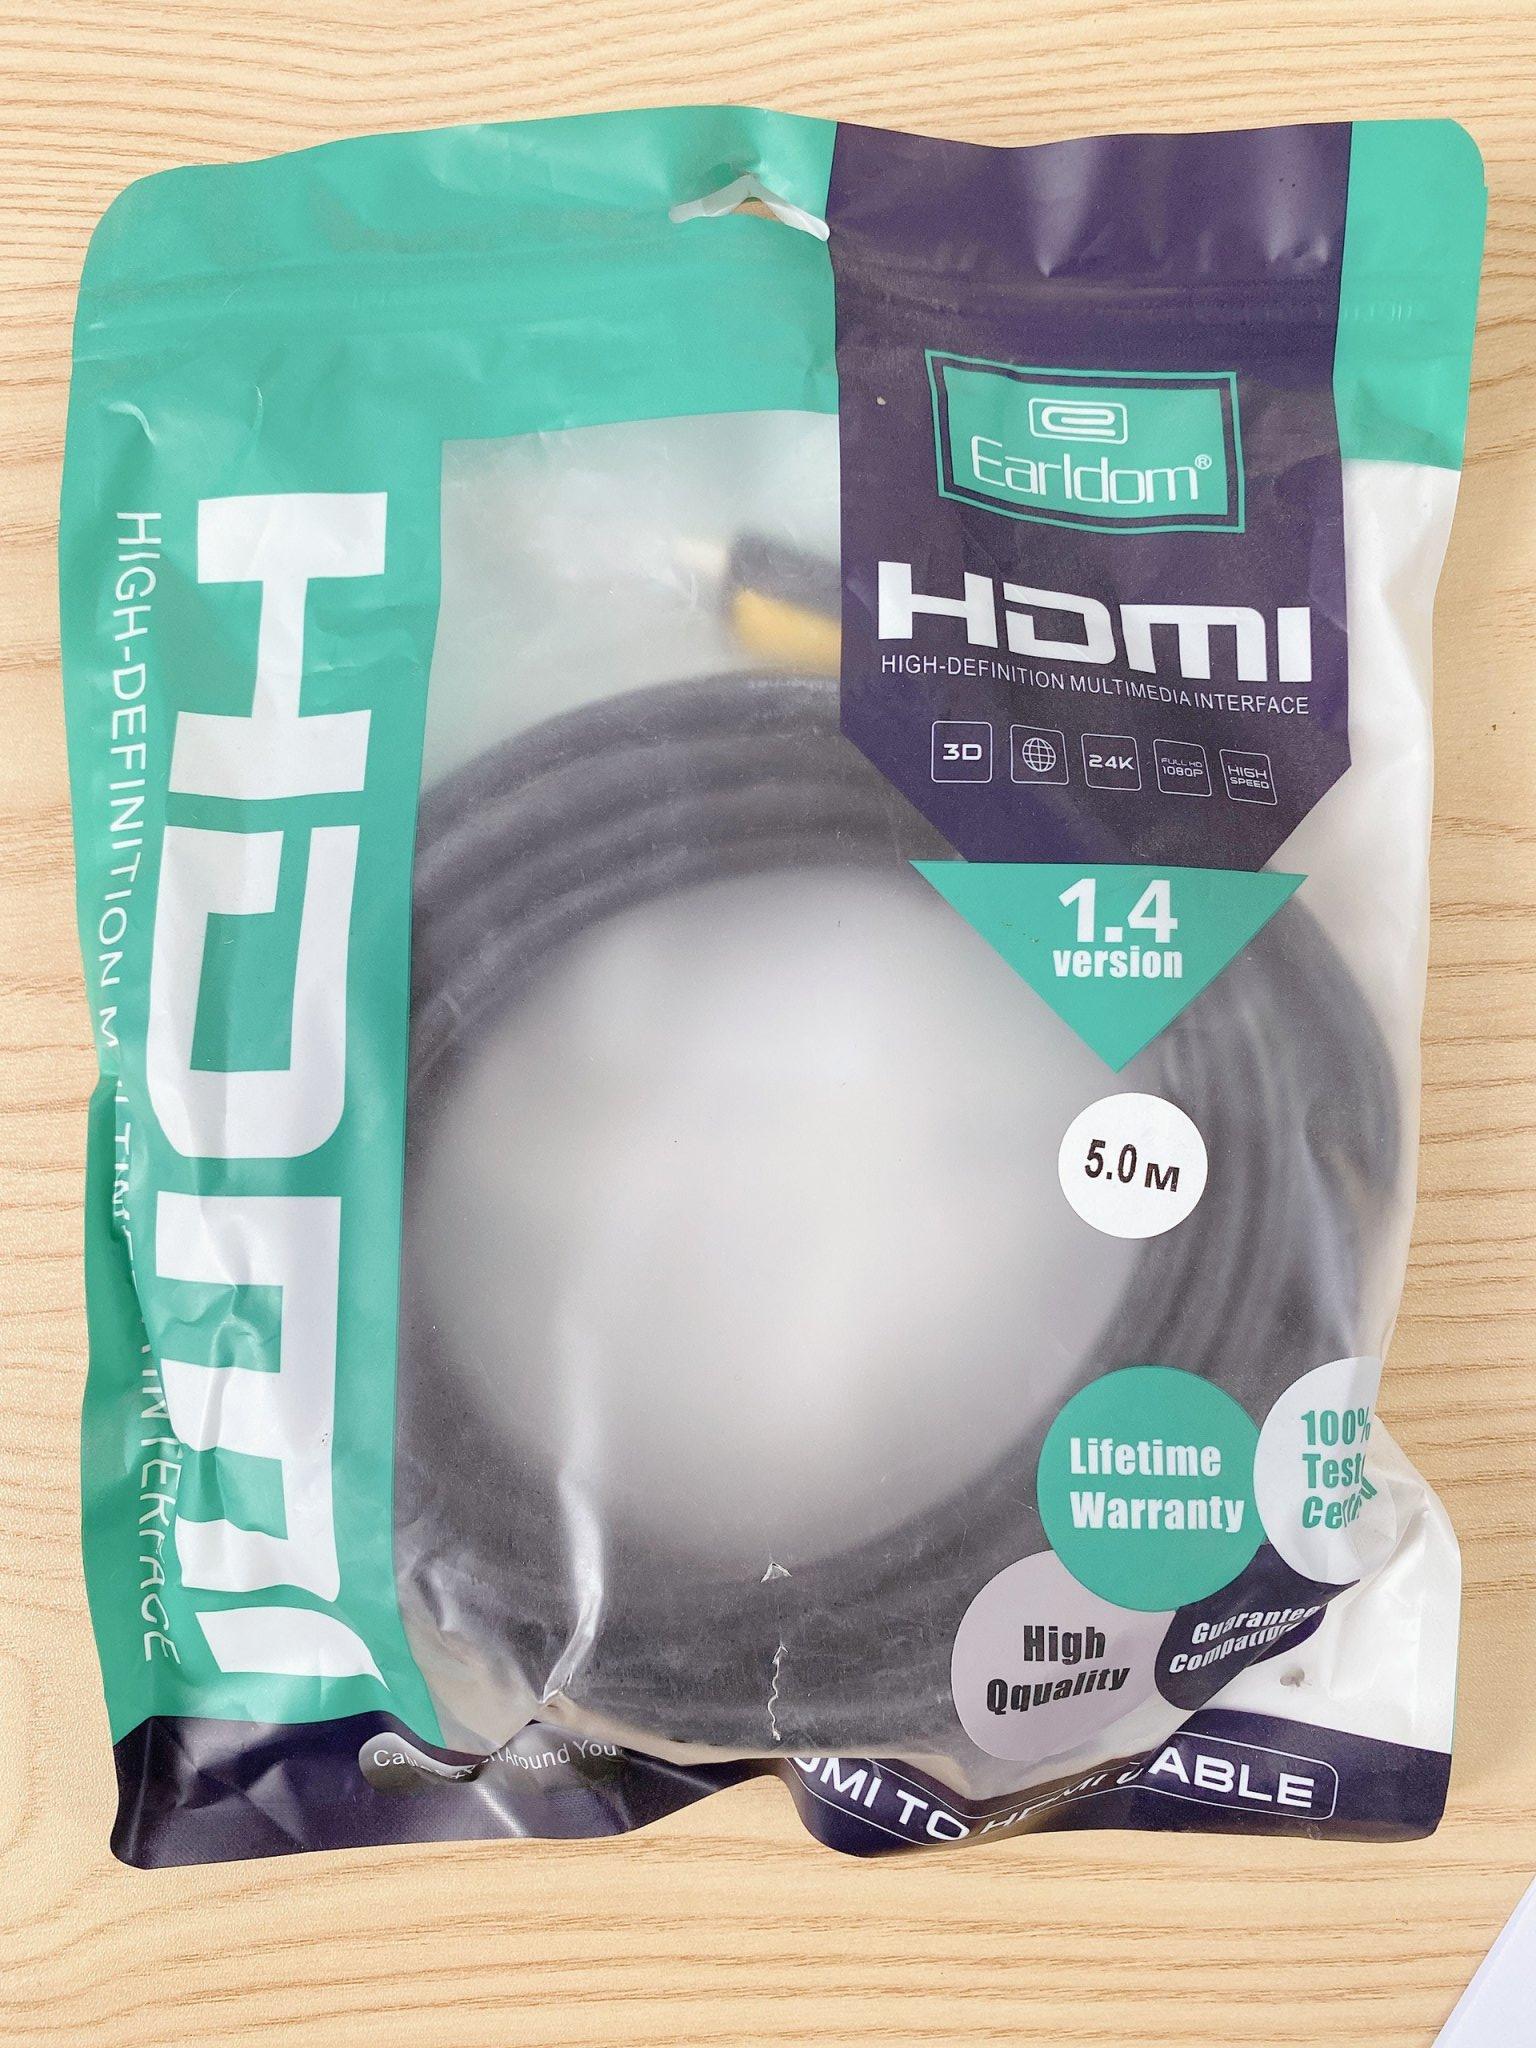 Cáp HDMI Earldom W09 dài 5m hàng chính hãng